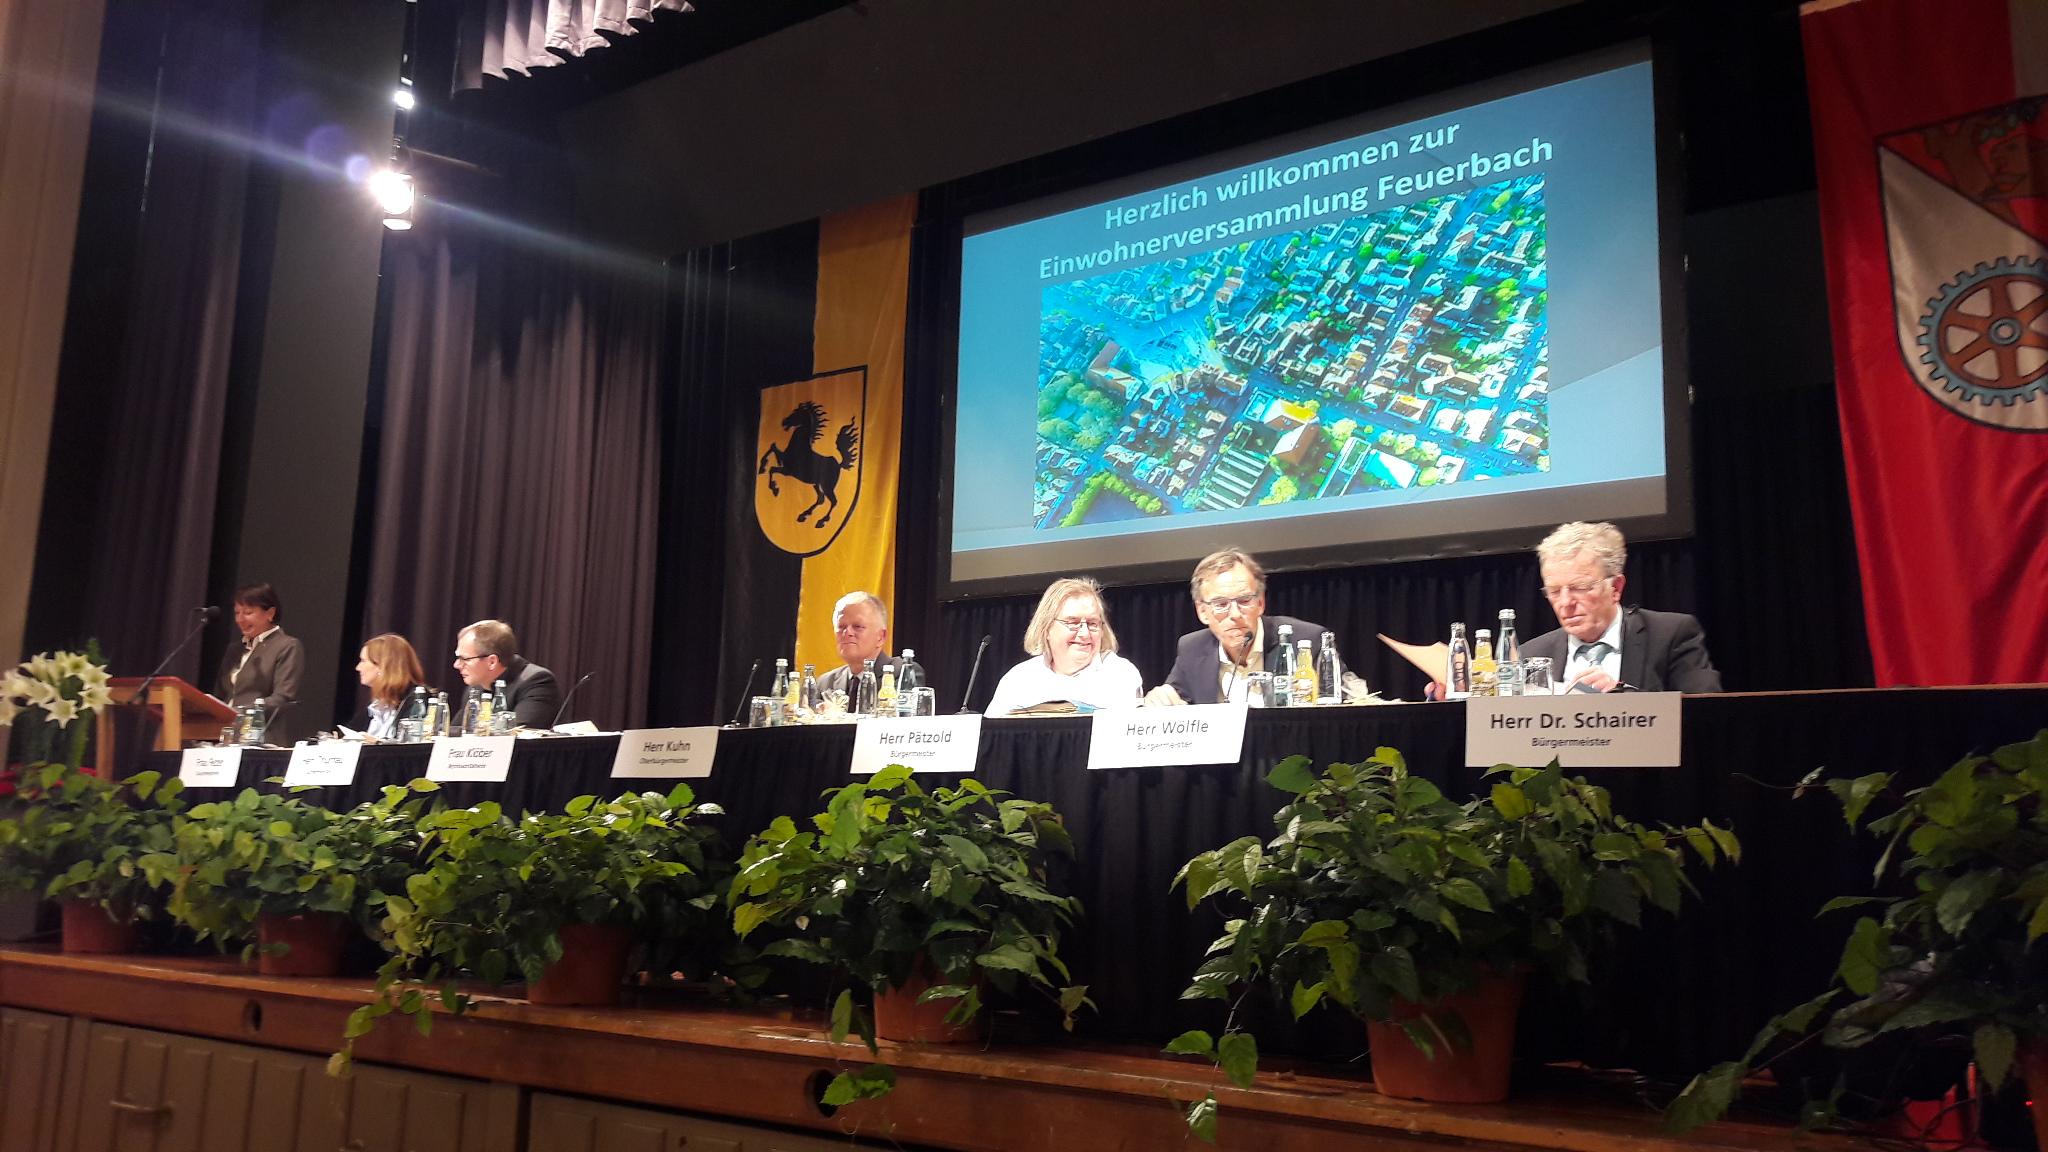 Feuerbacher Einwohnerversammlung 2017